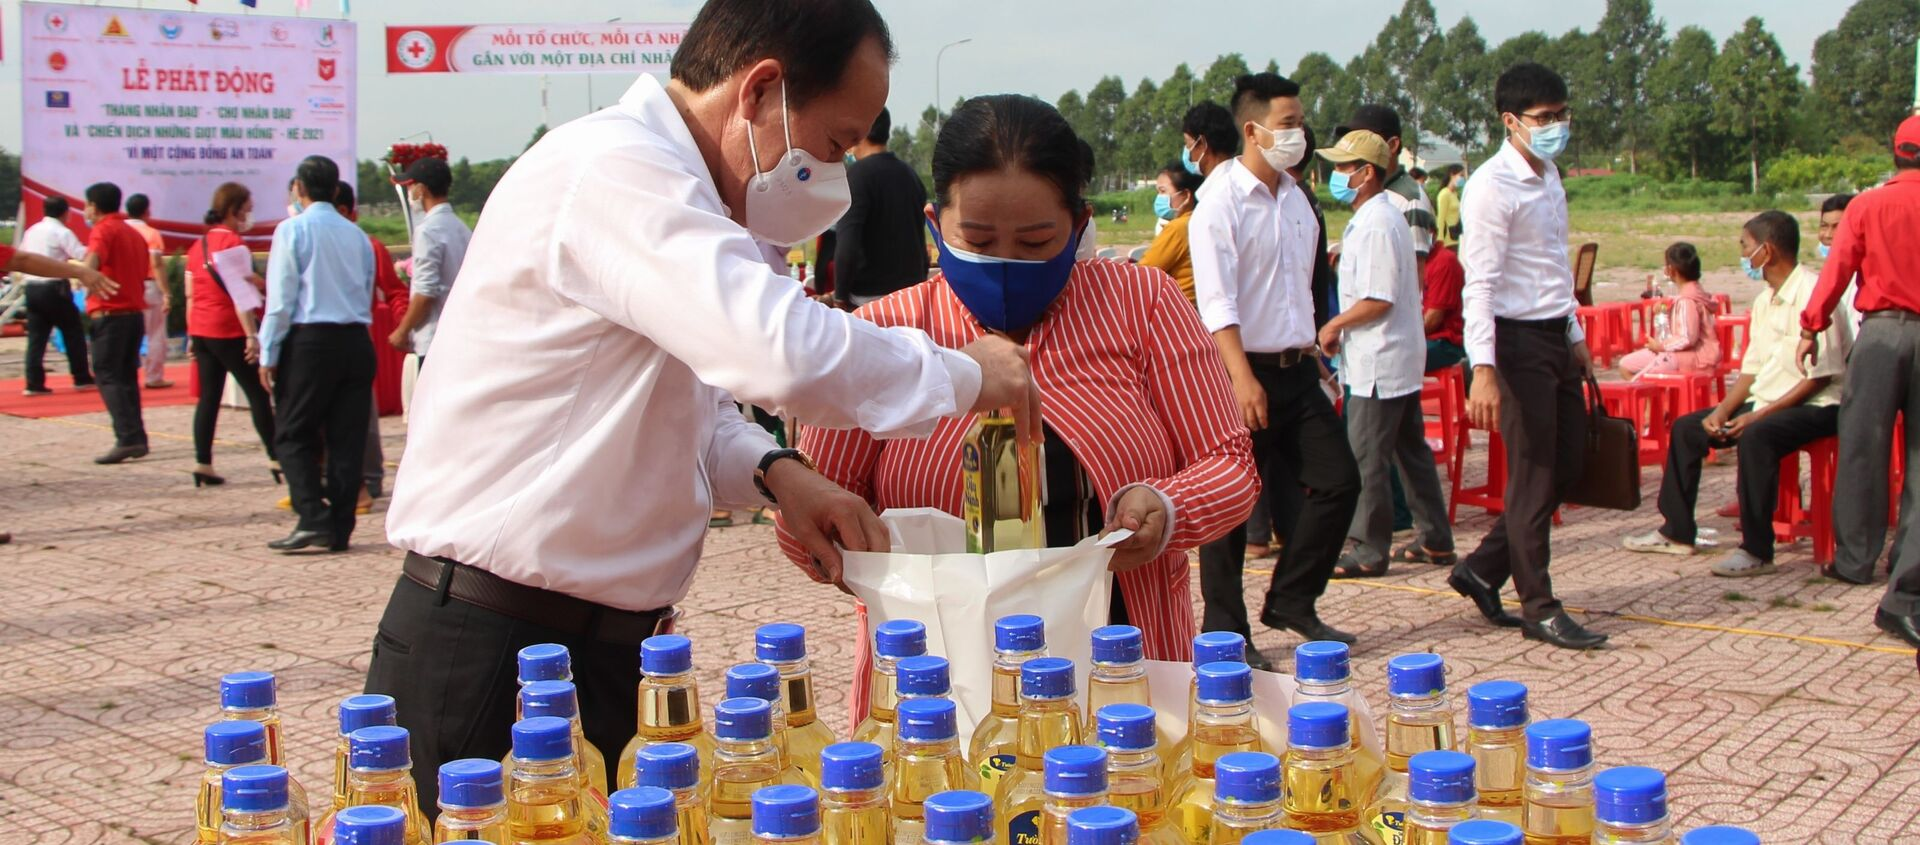 Bí thư Tỉnh ủy Hậu Giang Lê Tiến Châu trao nhu yếu phẩm cho các hộ có hoàn cảnh khó khăn tại Chợ Nhân đạo - Sputnik Việt Nam, 1920, 25.05.2021